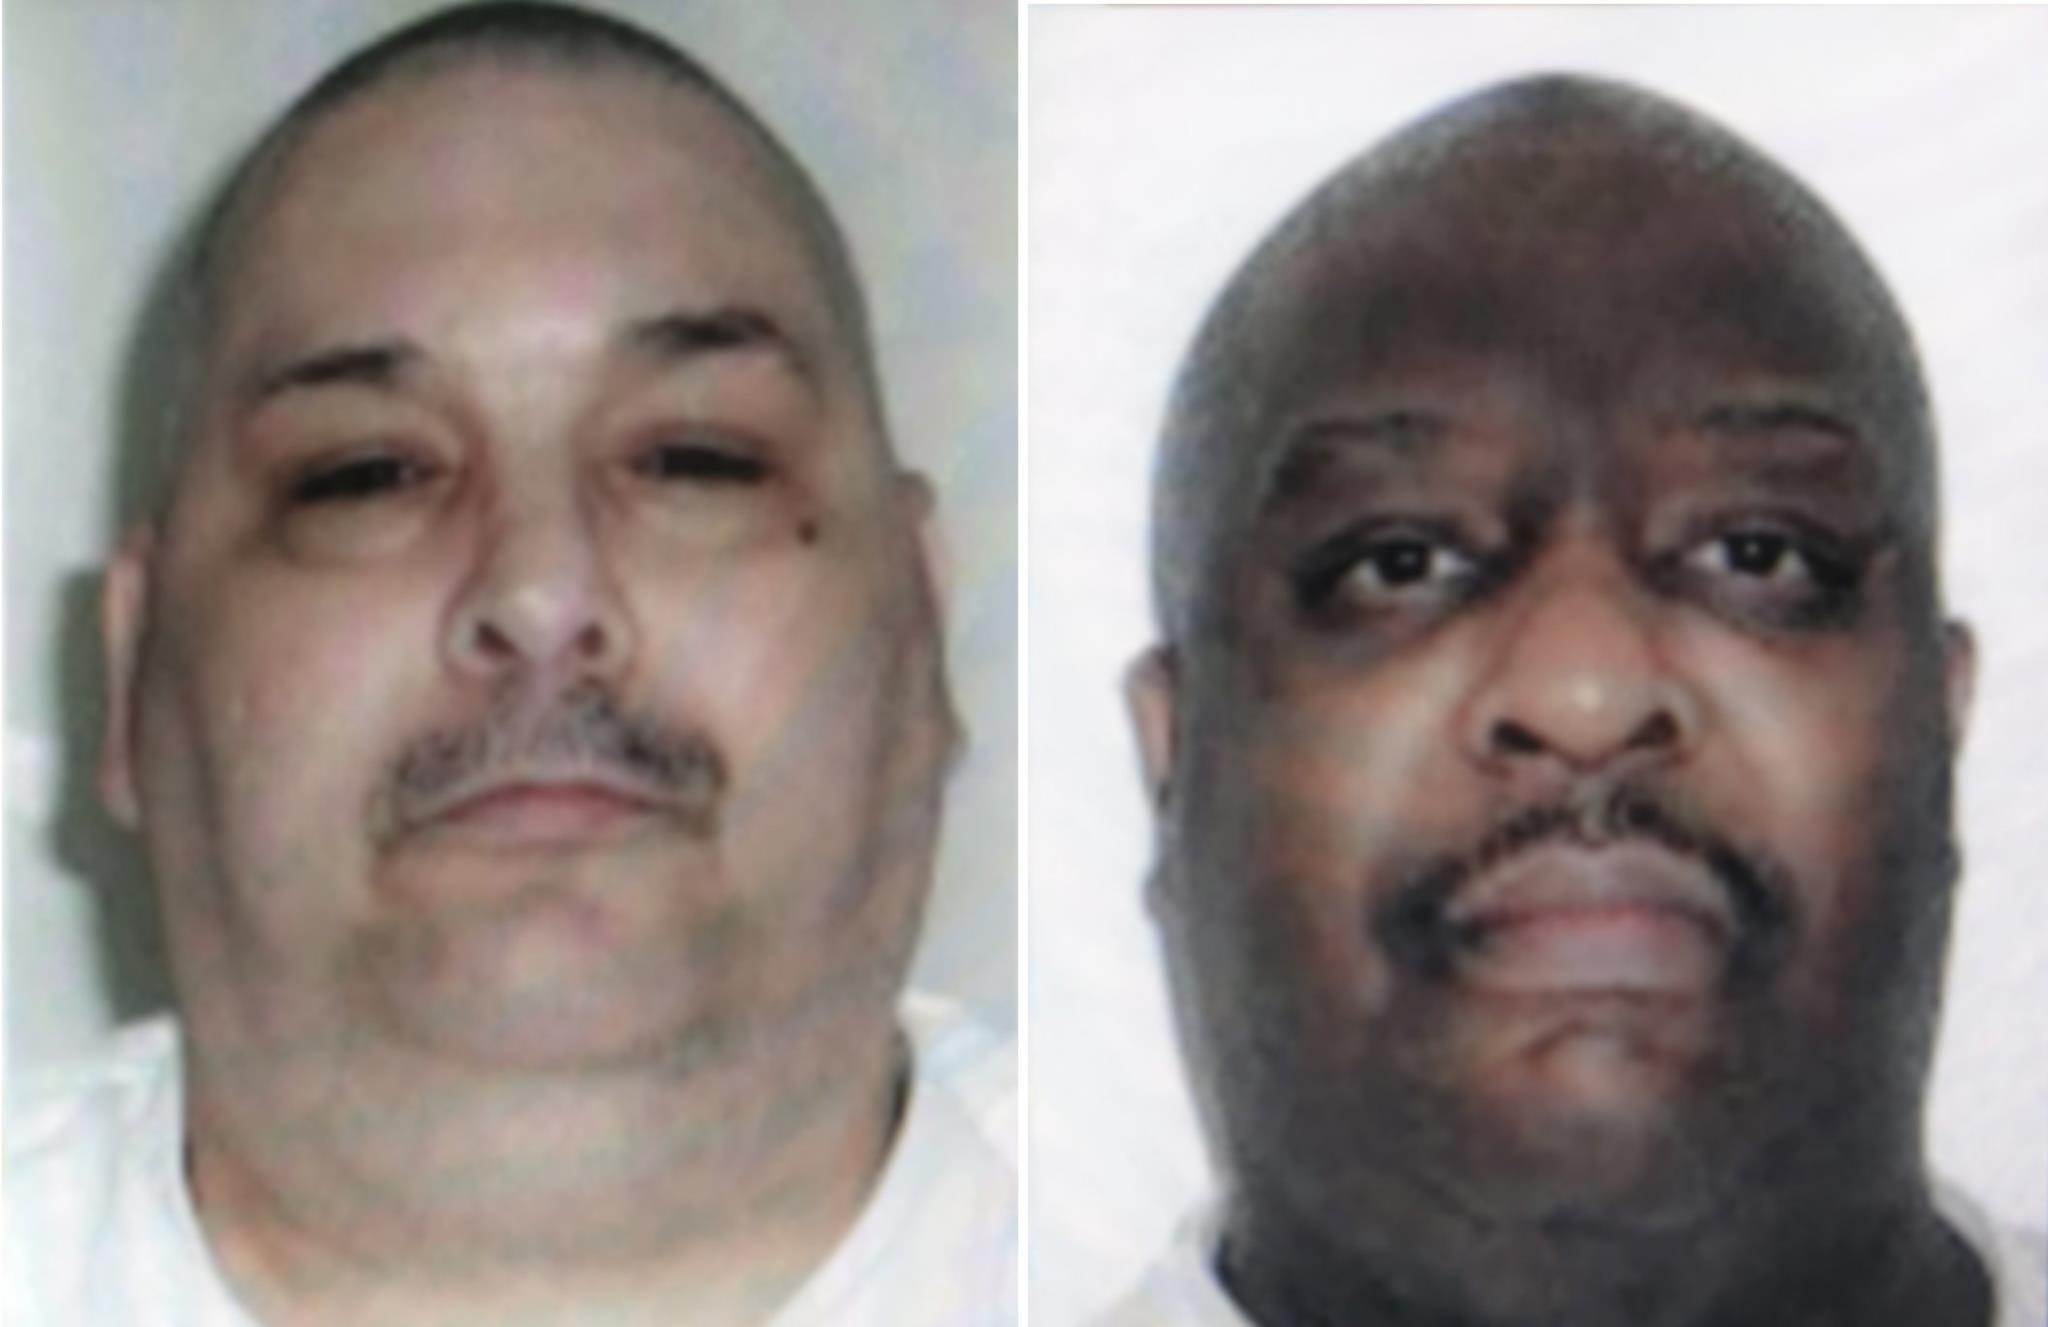 PÚBLICO - Pena de morte no Arkansas: primeira dupla execução nos EUA em 17 anos